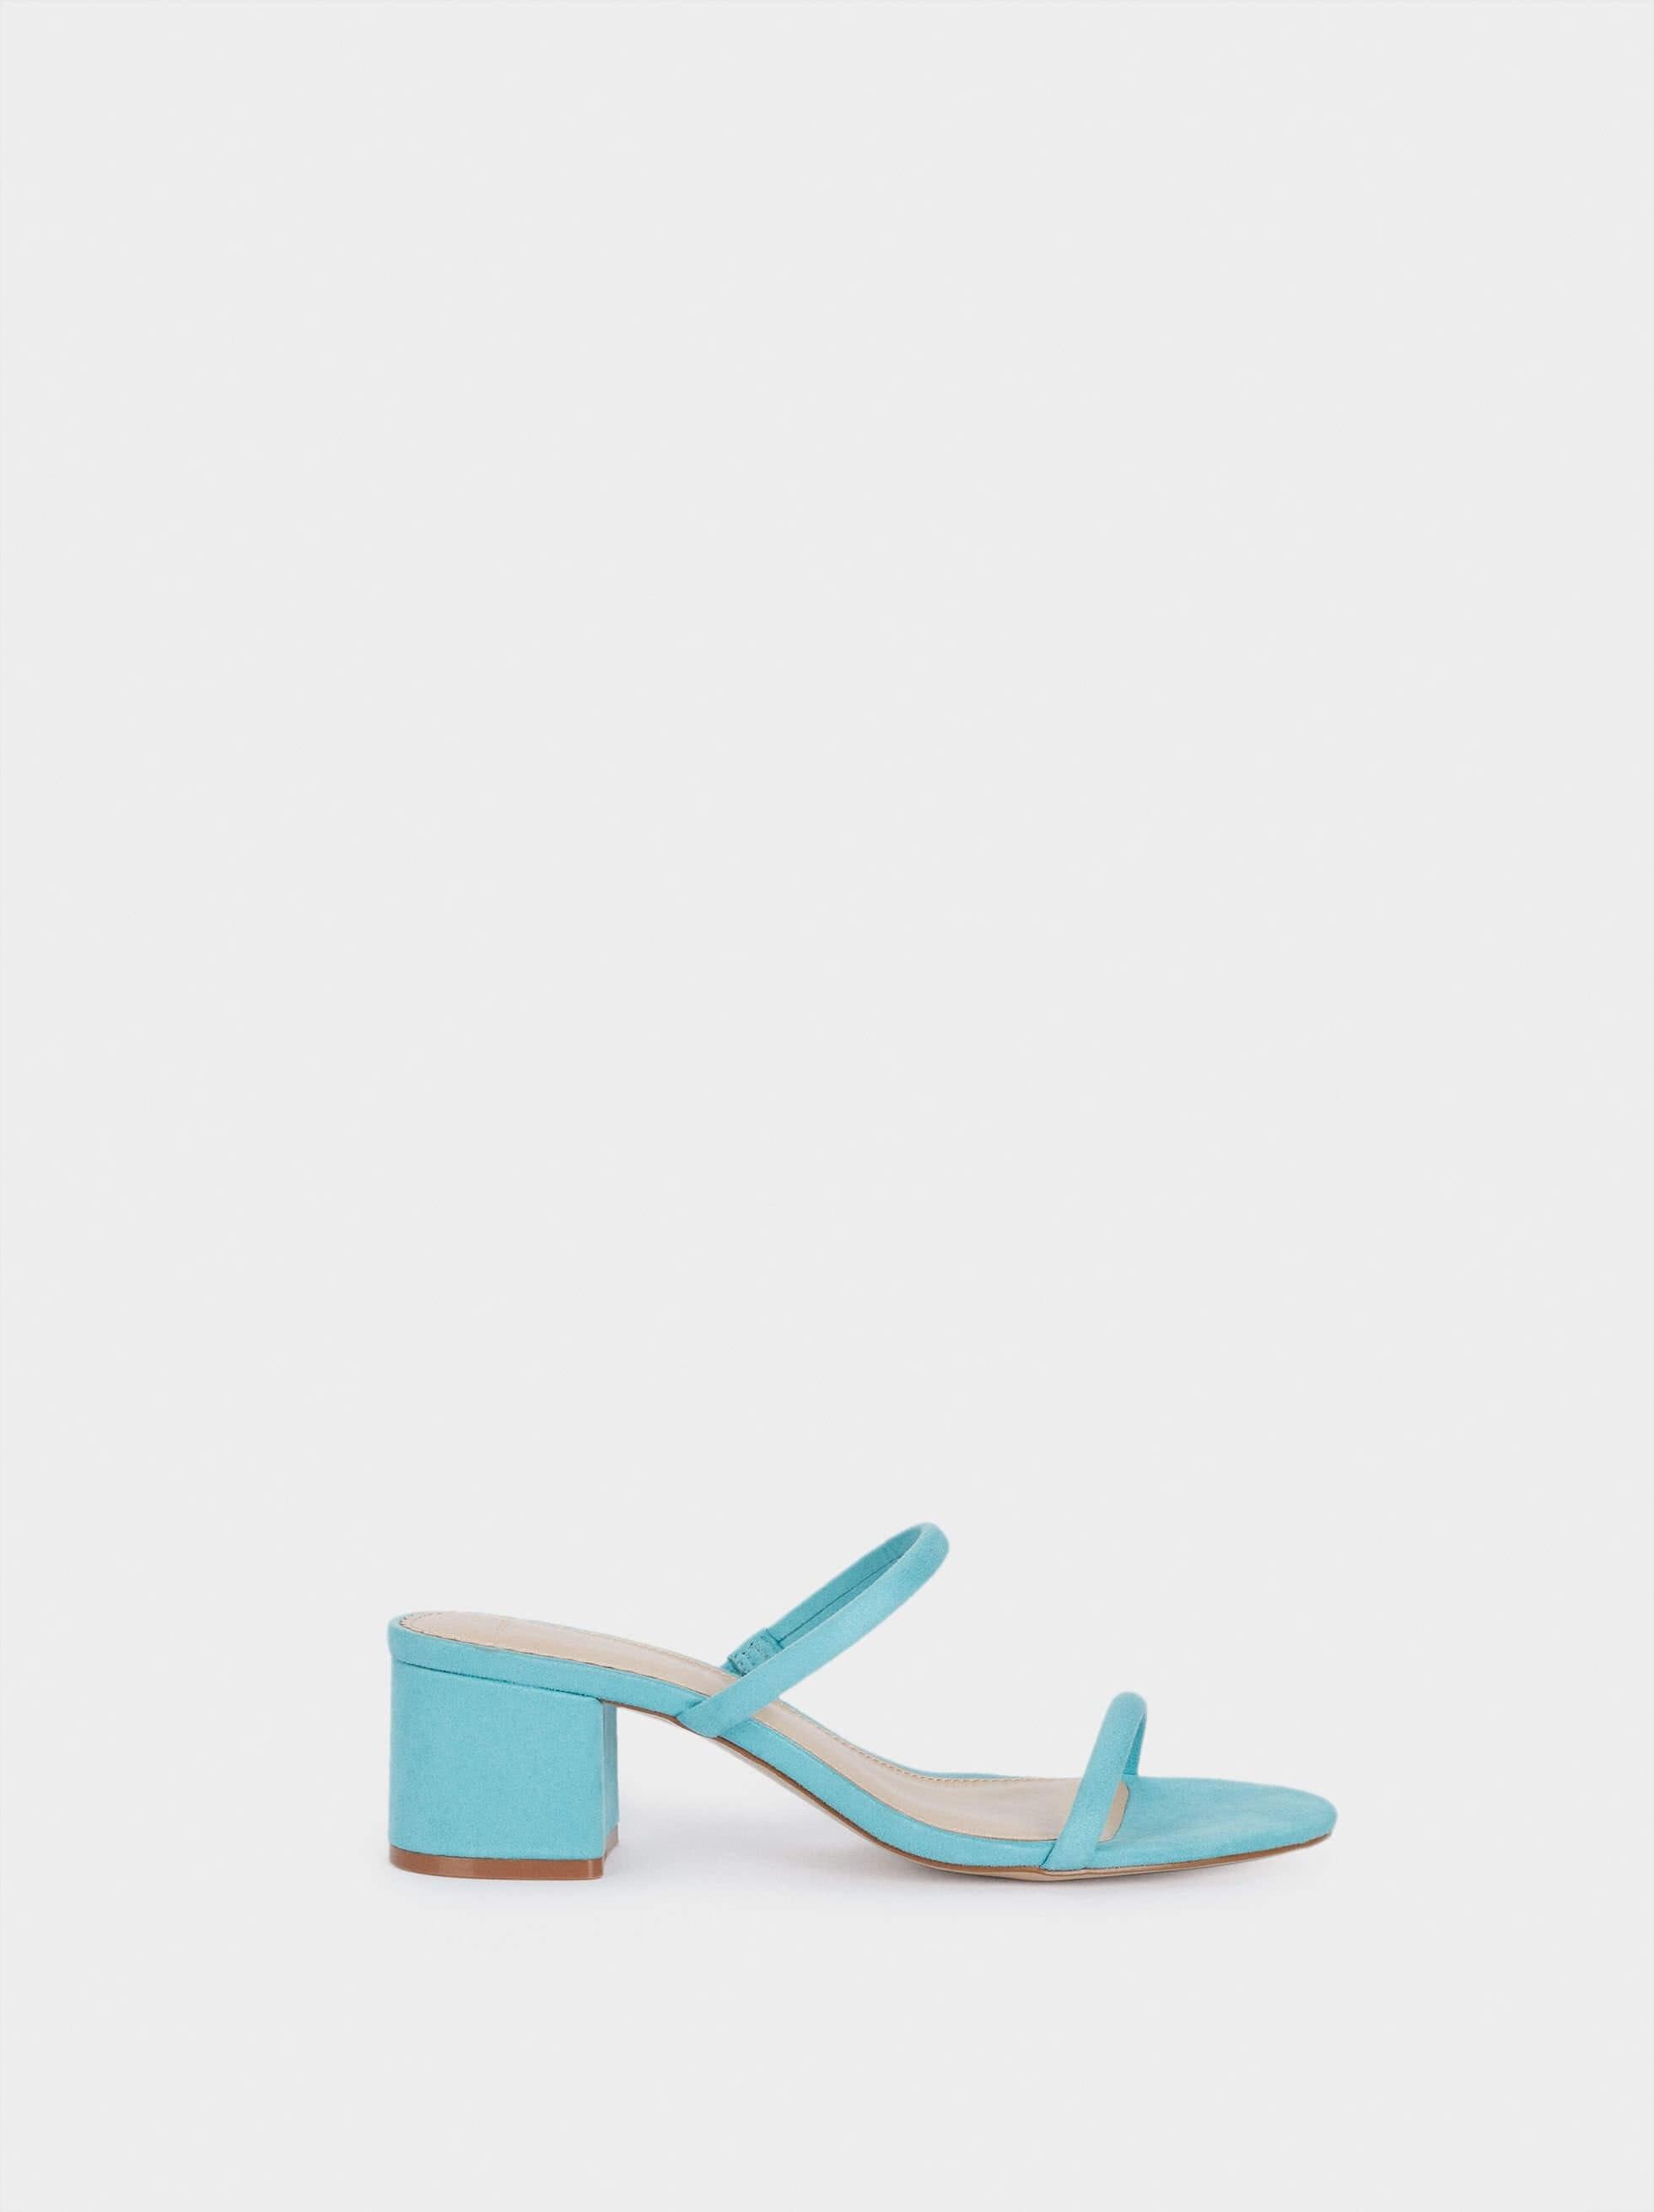 Sandálias de cunha em azul claro da parfois